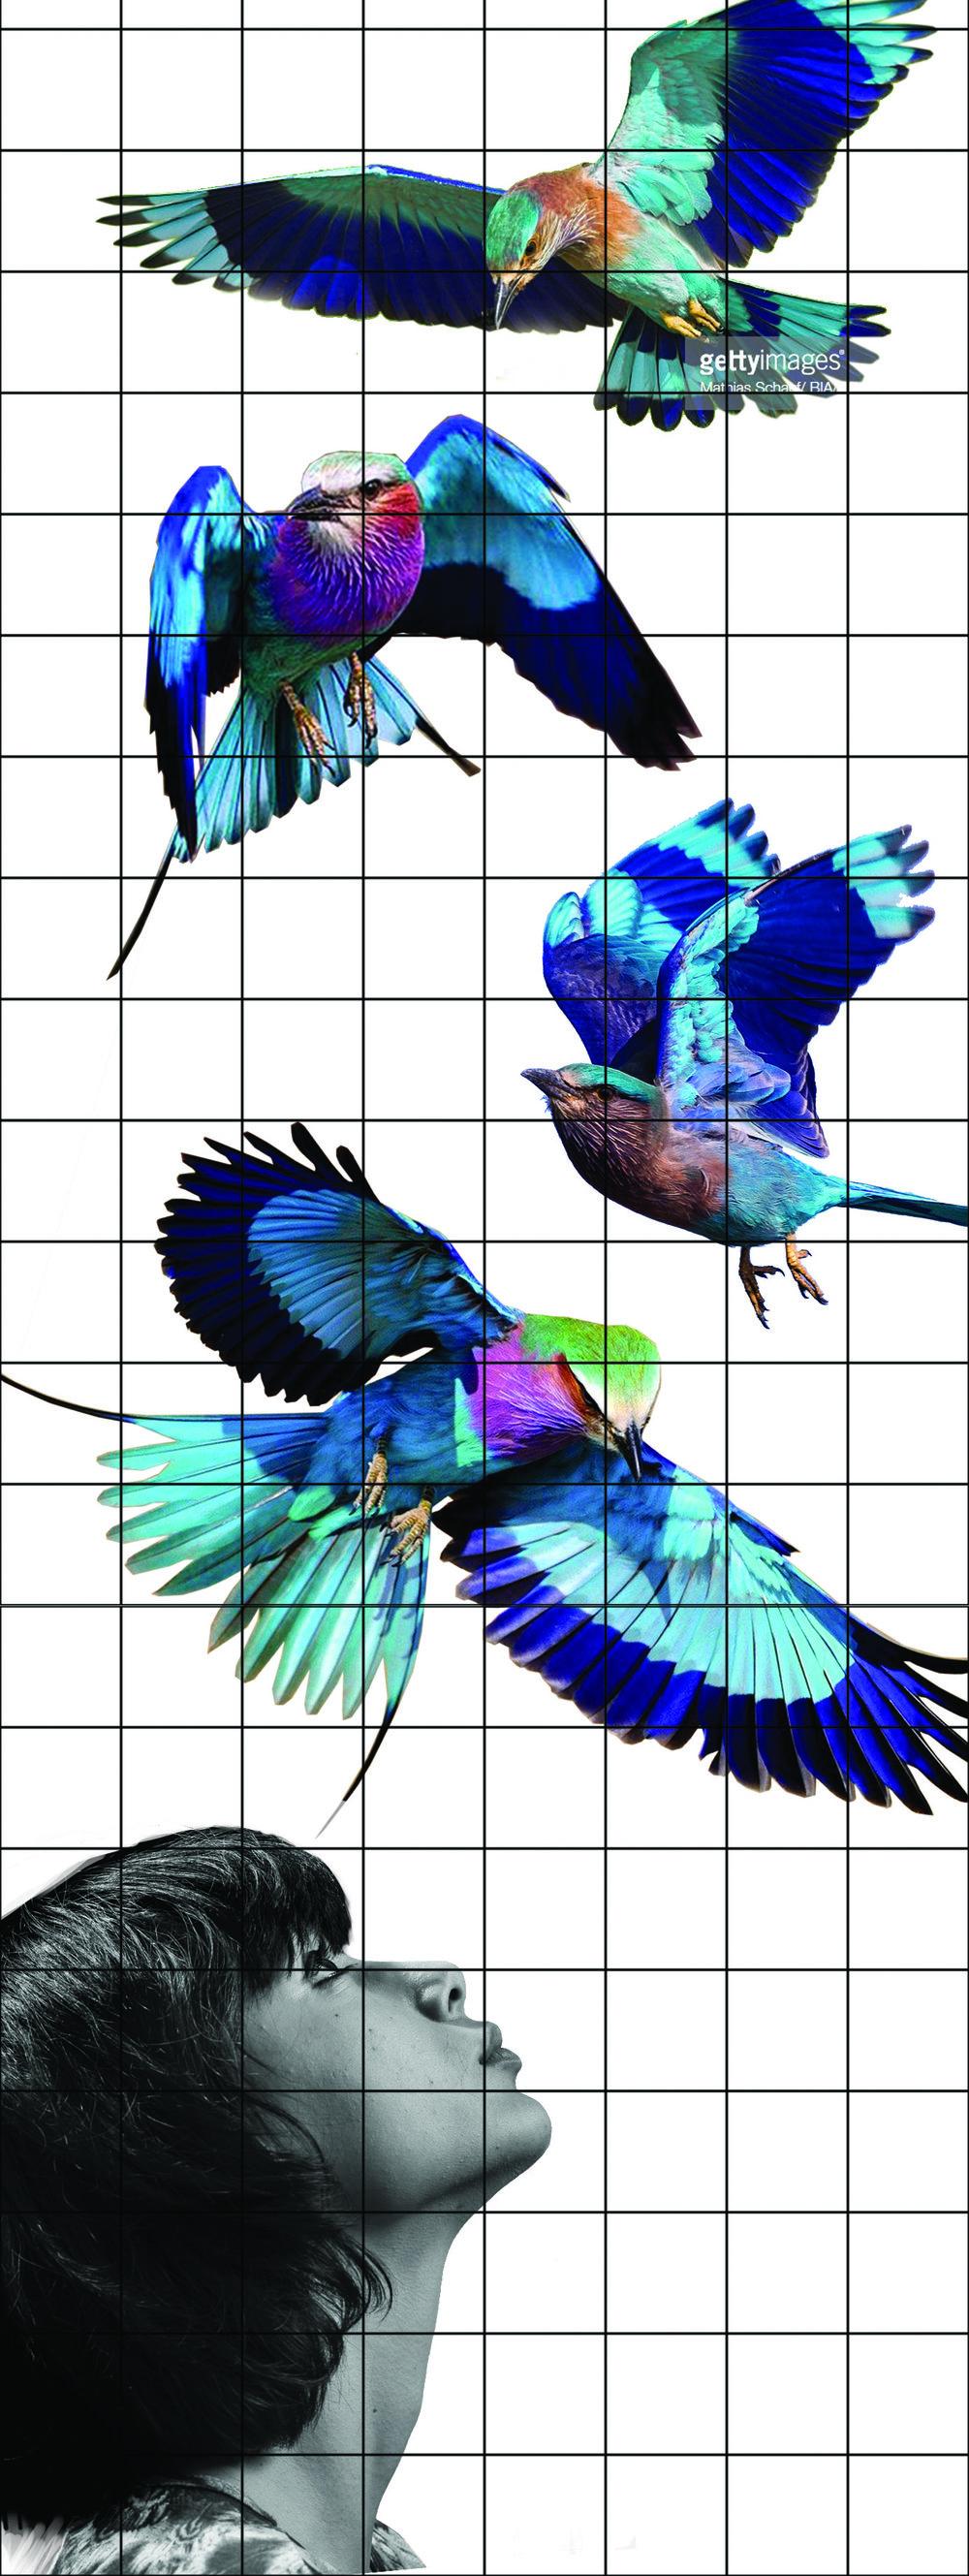 skolegade5 birds33333 grid.jpg